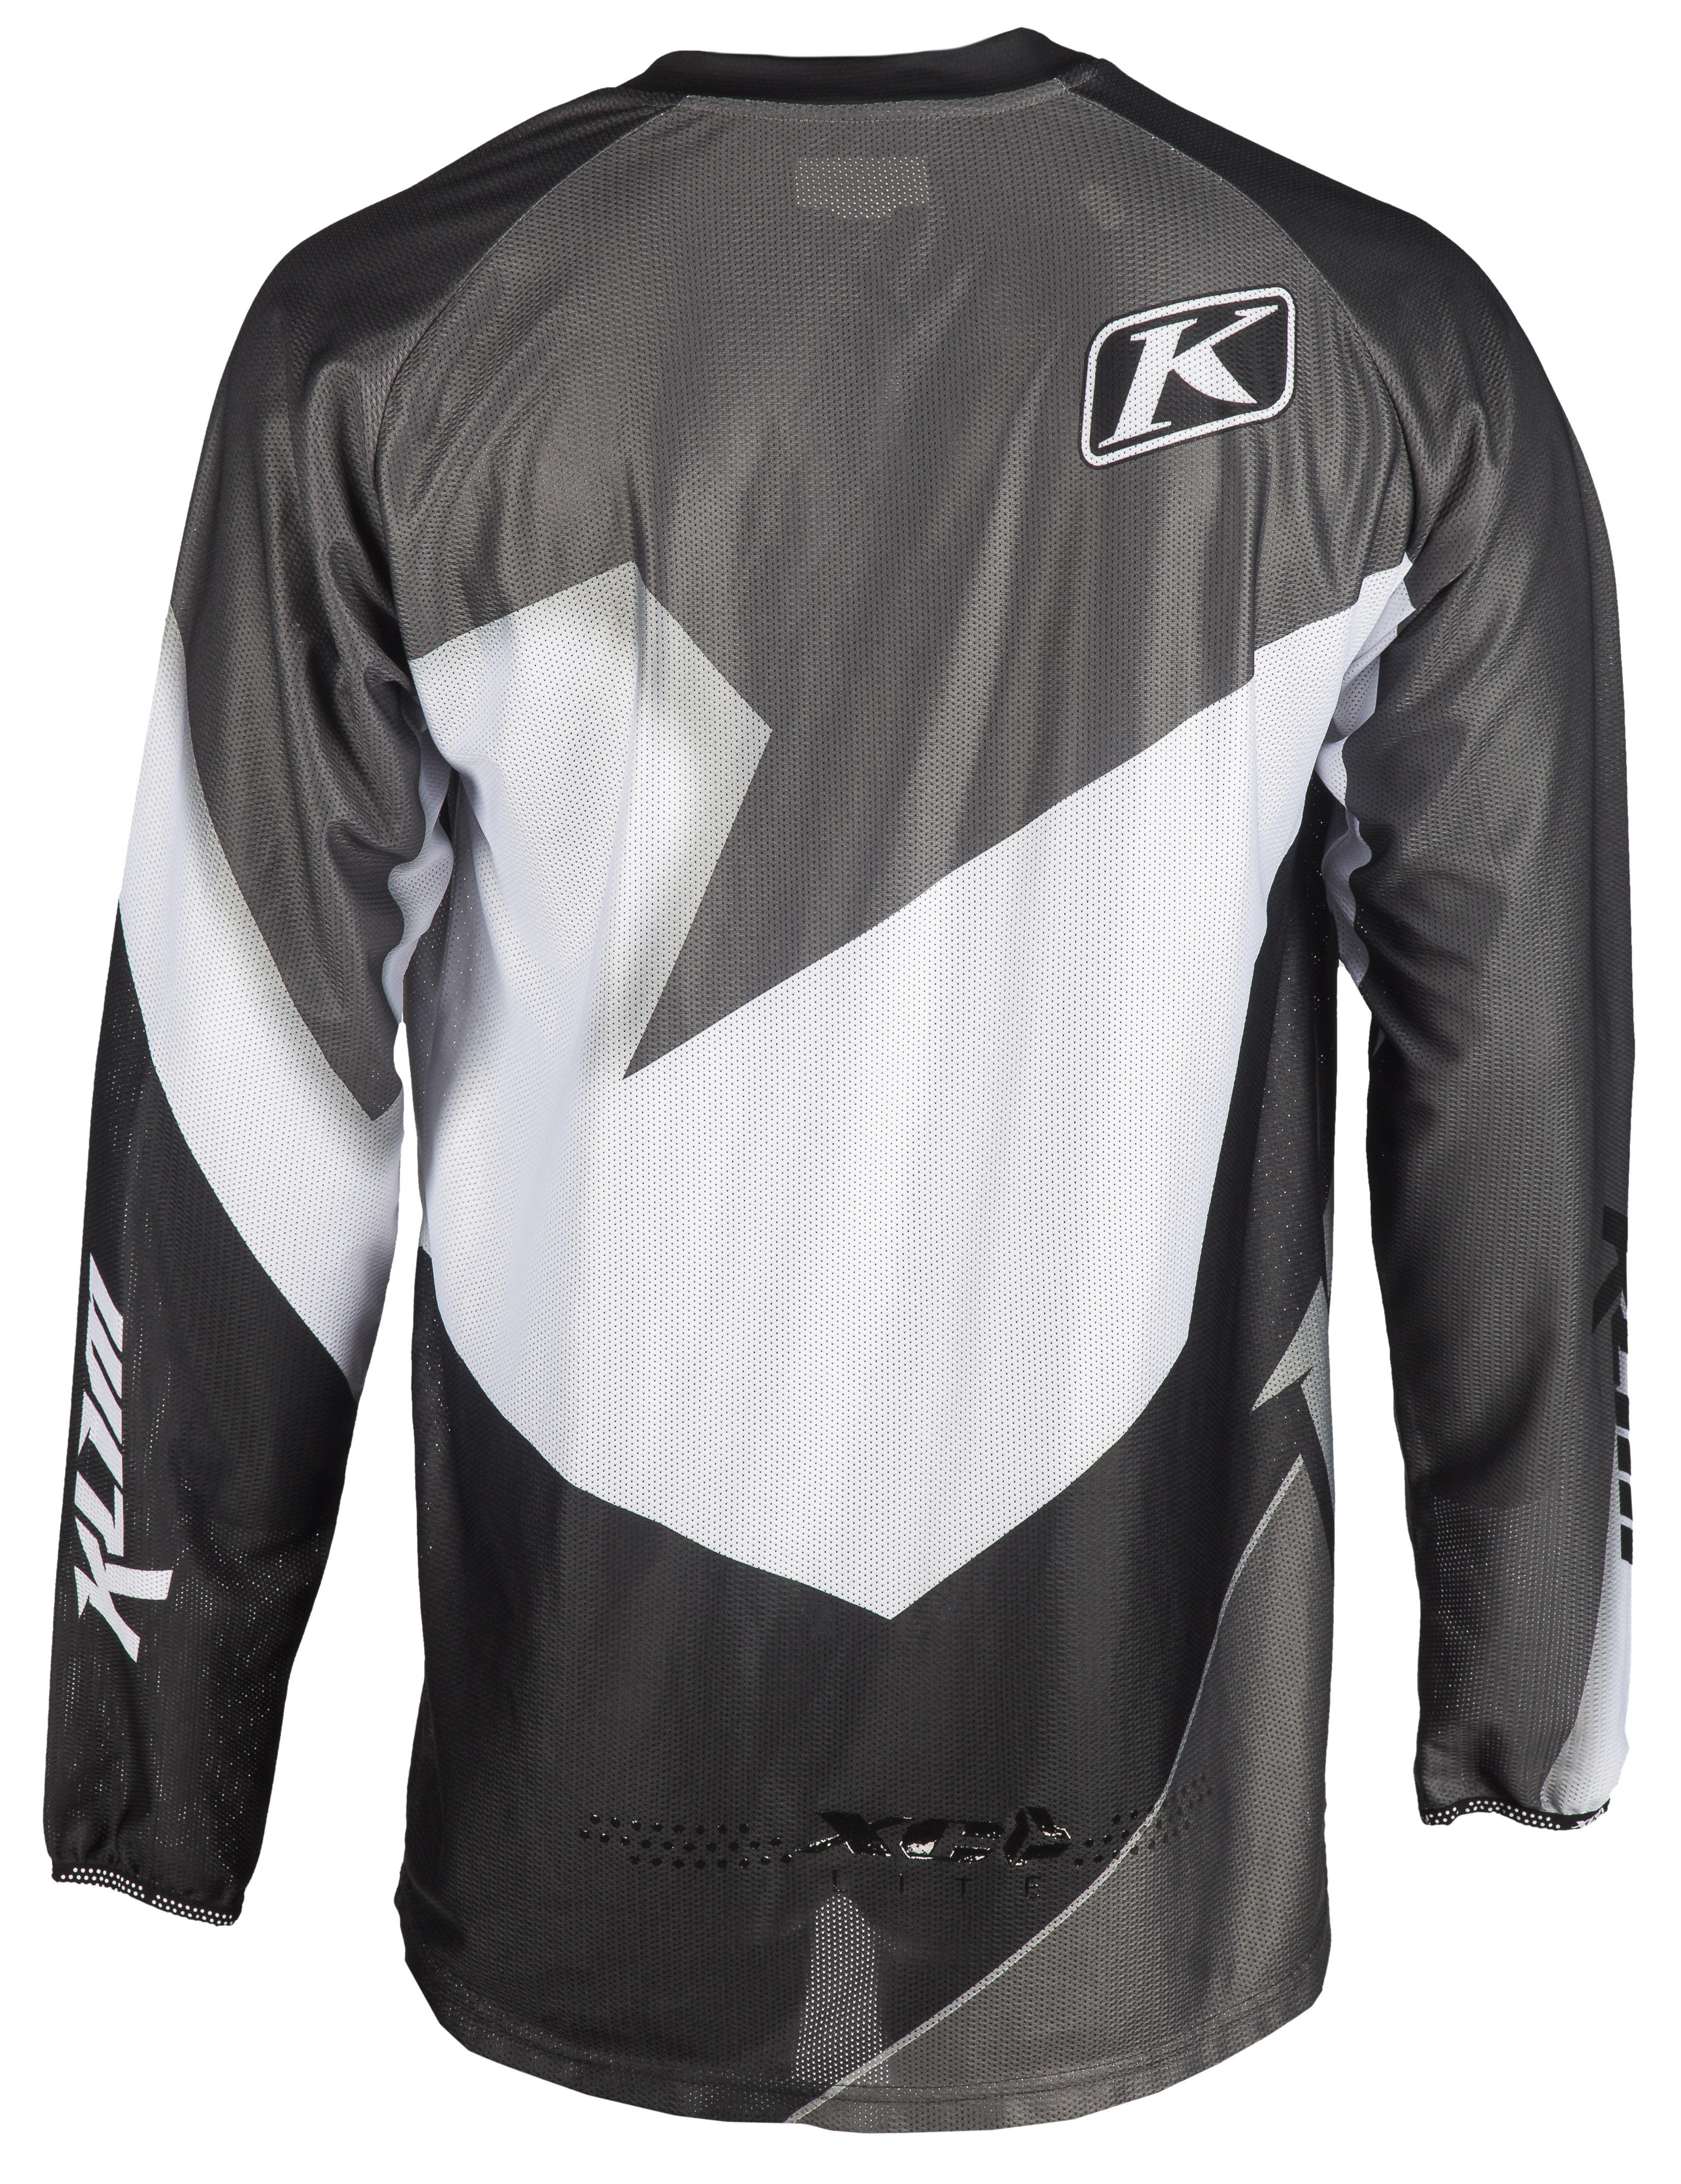 XC LITE Jersey 5003-002-600 D1